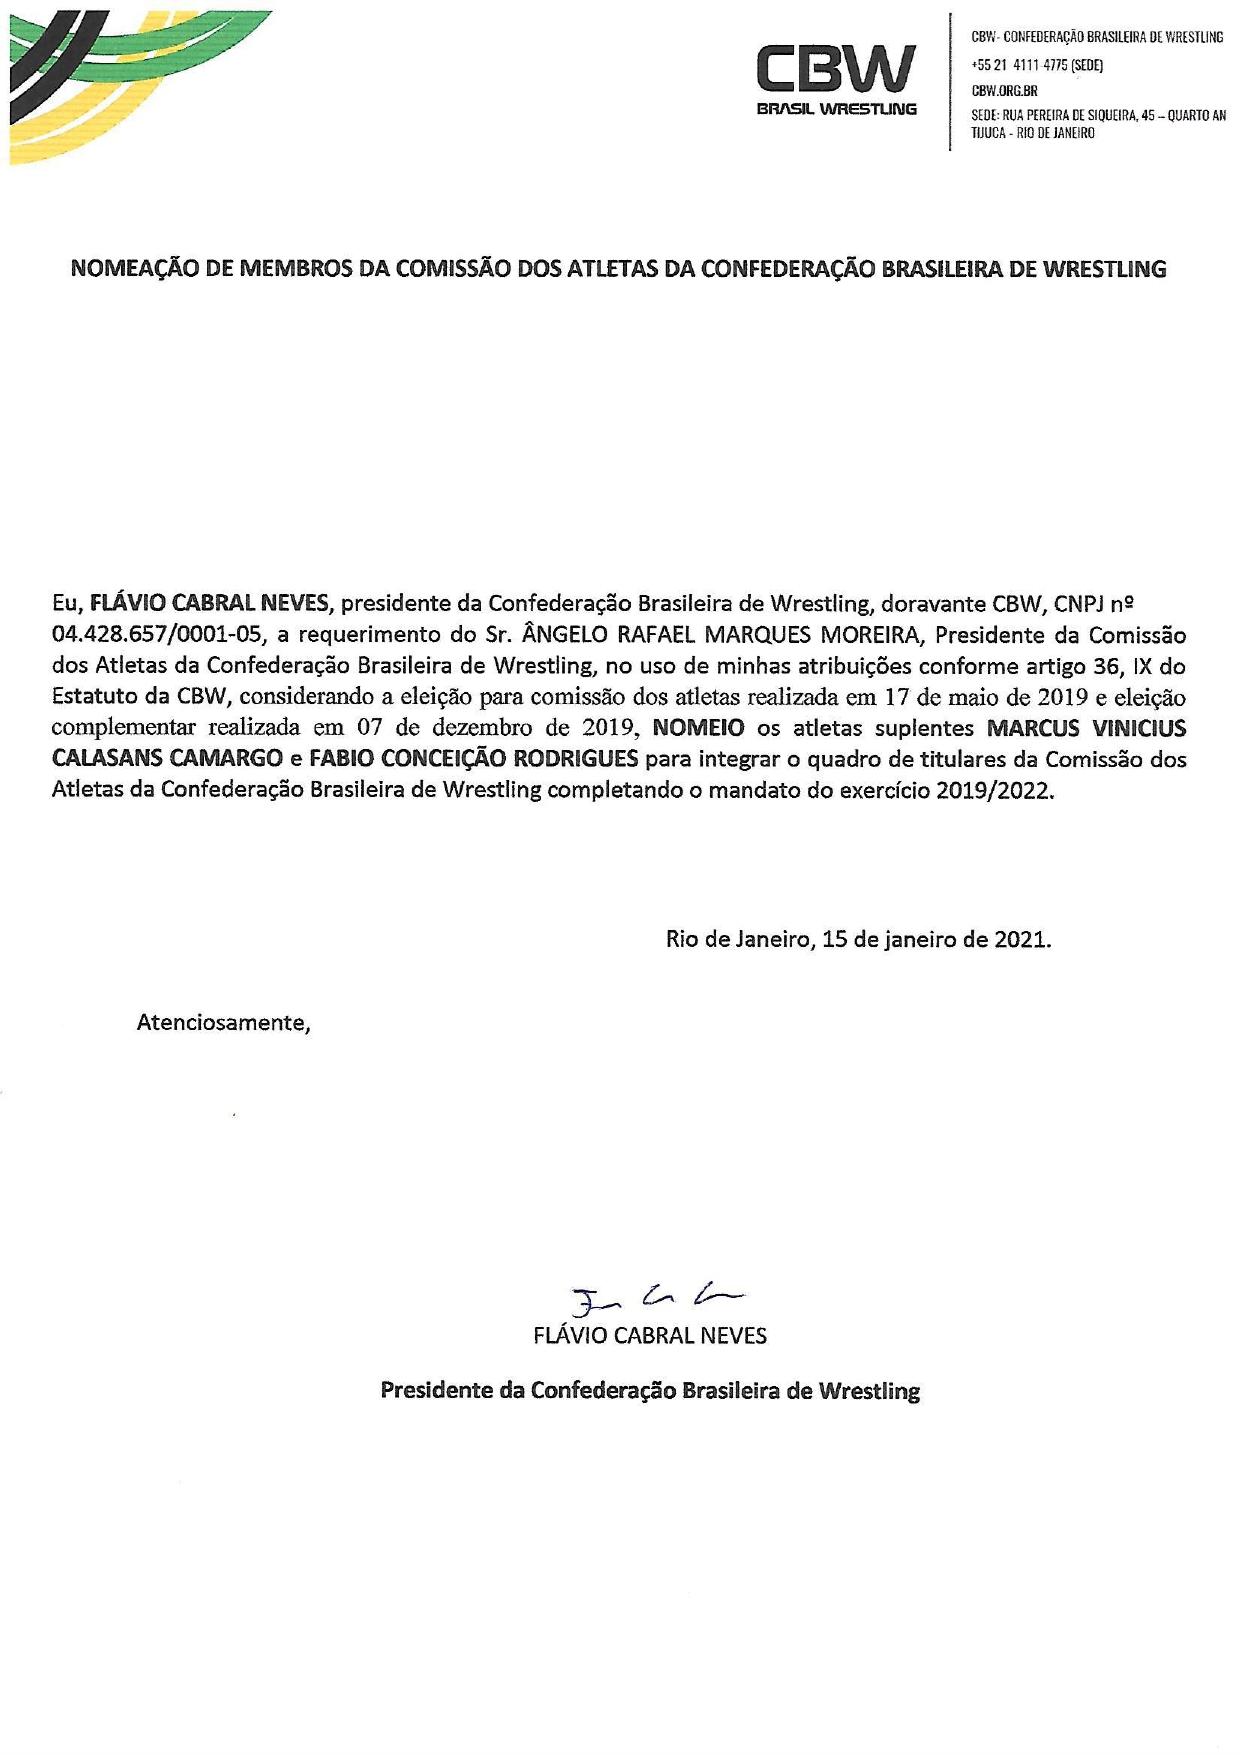 nomeação de membros da comissão dos atletas_page-0001